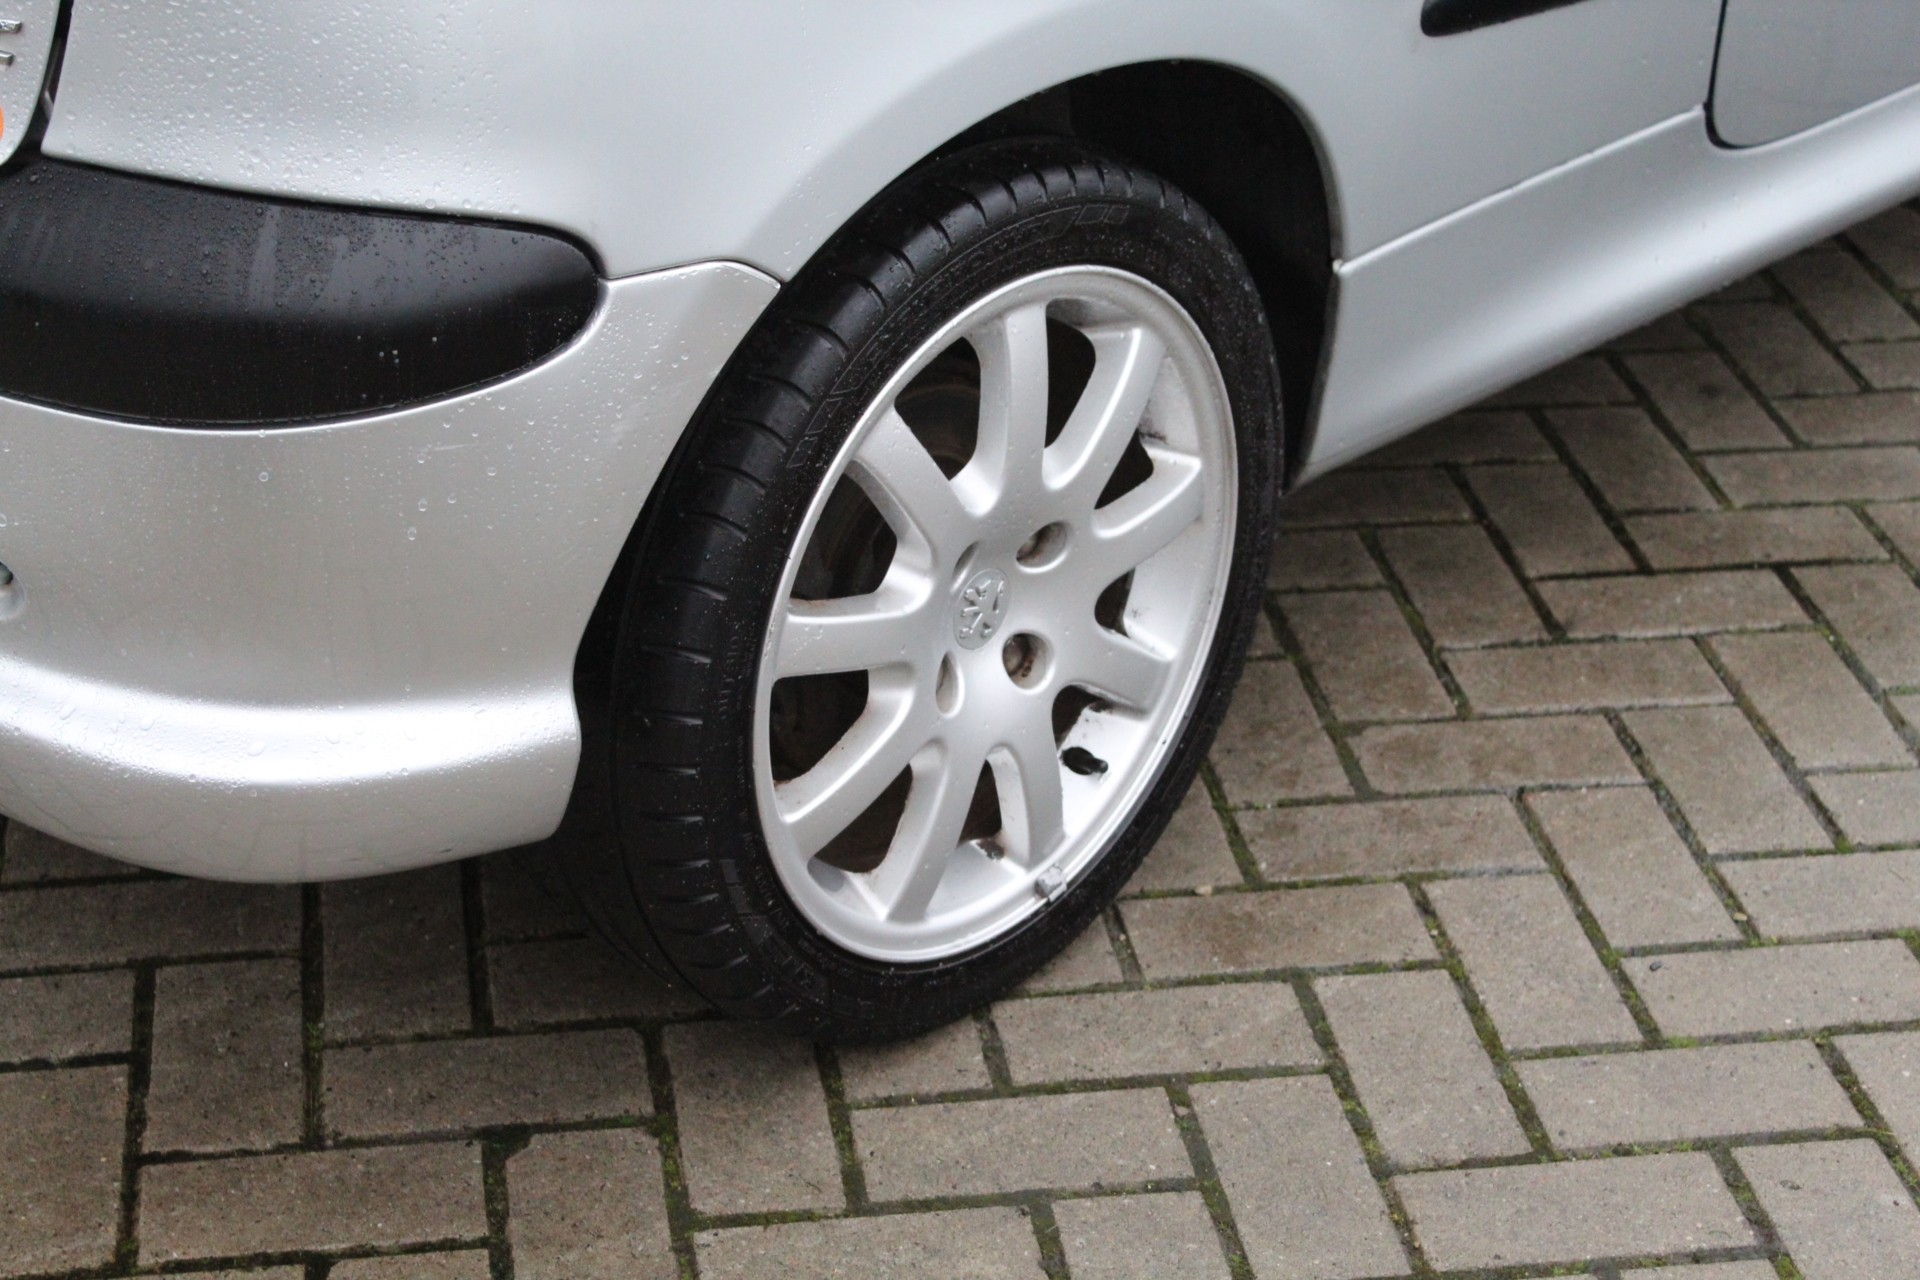 Caroutlet Groningen - Peugeot 206 CC 2.0-16V   LEER   CLIMA   MOOIE STAAT  